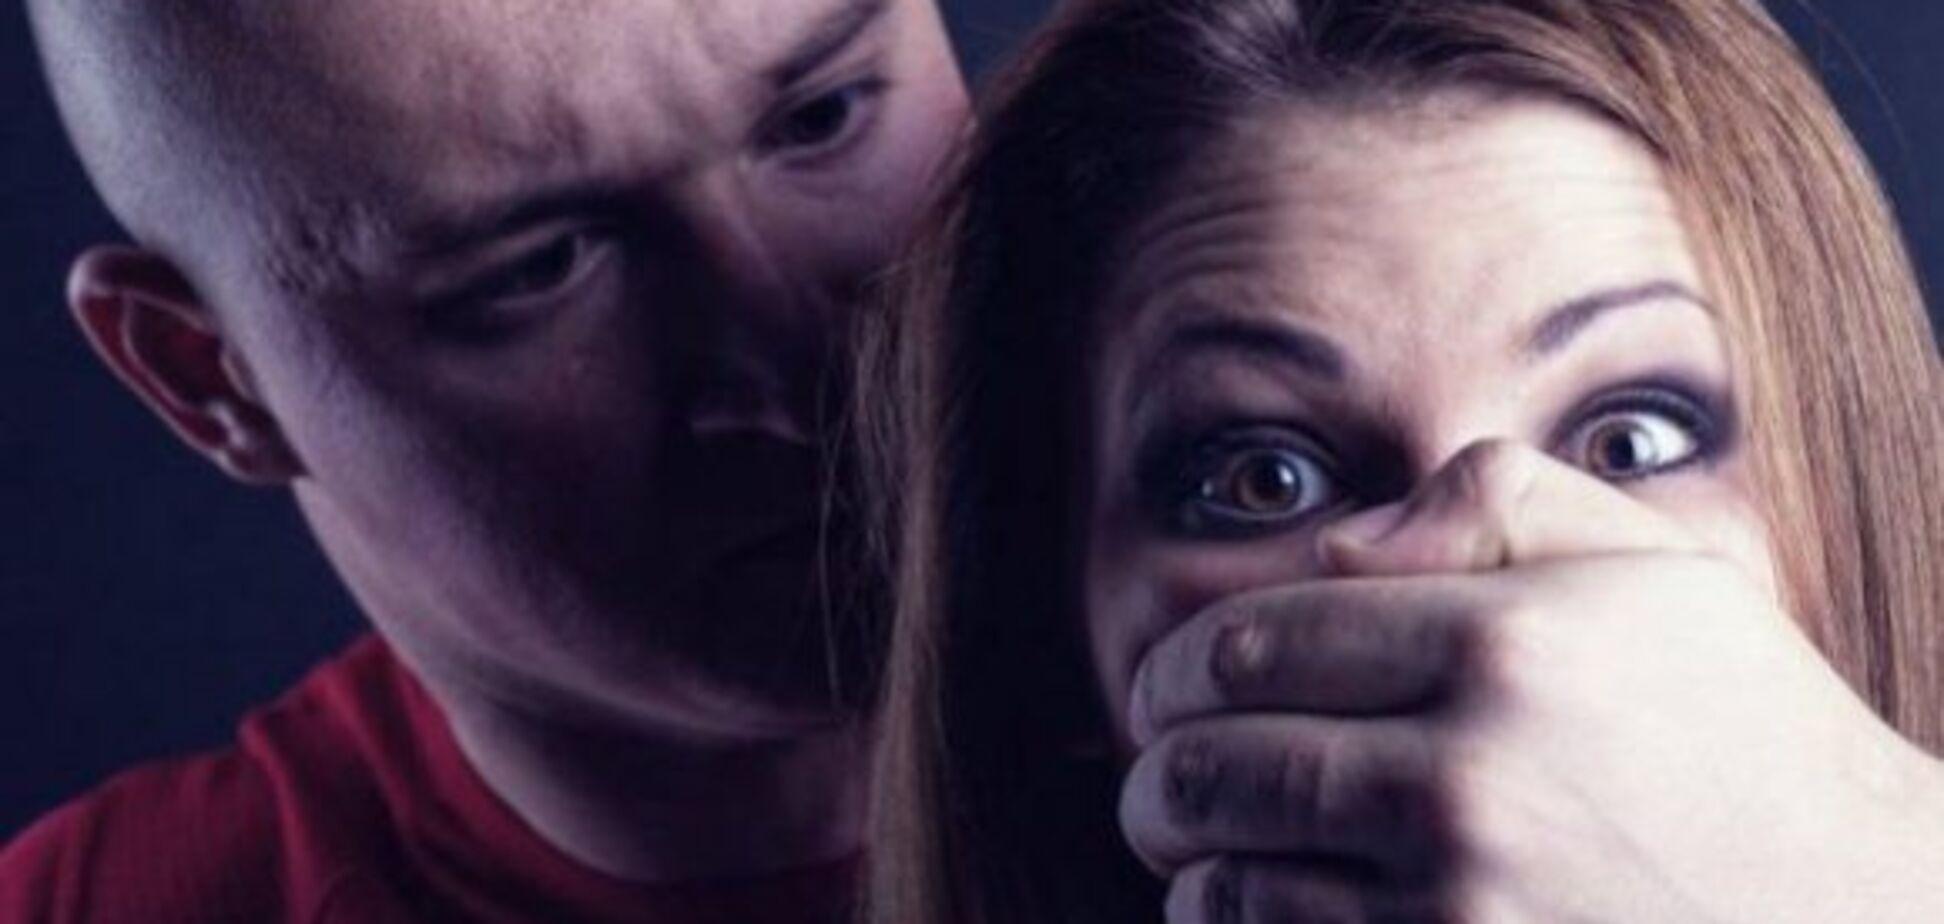 Ограбил и изнасиловал: в Кривом Роге вооруженный мужчина поиздевался над девушкой